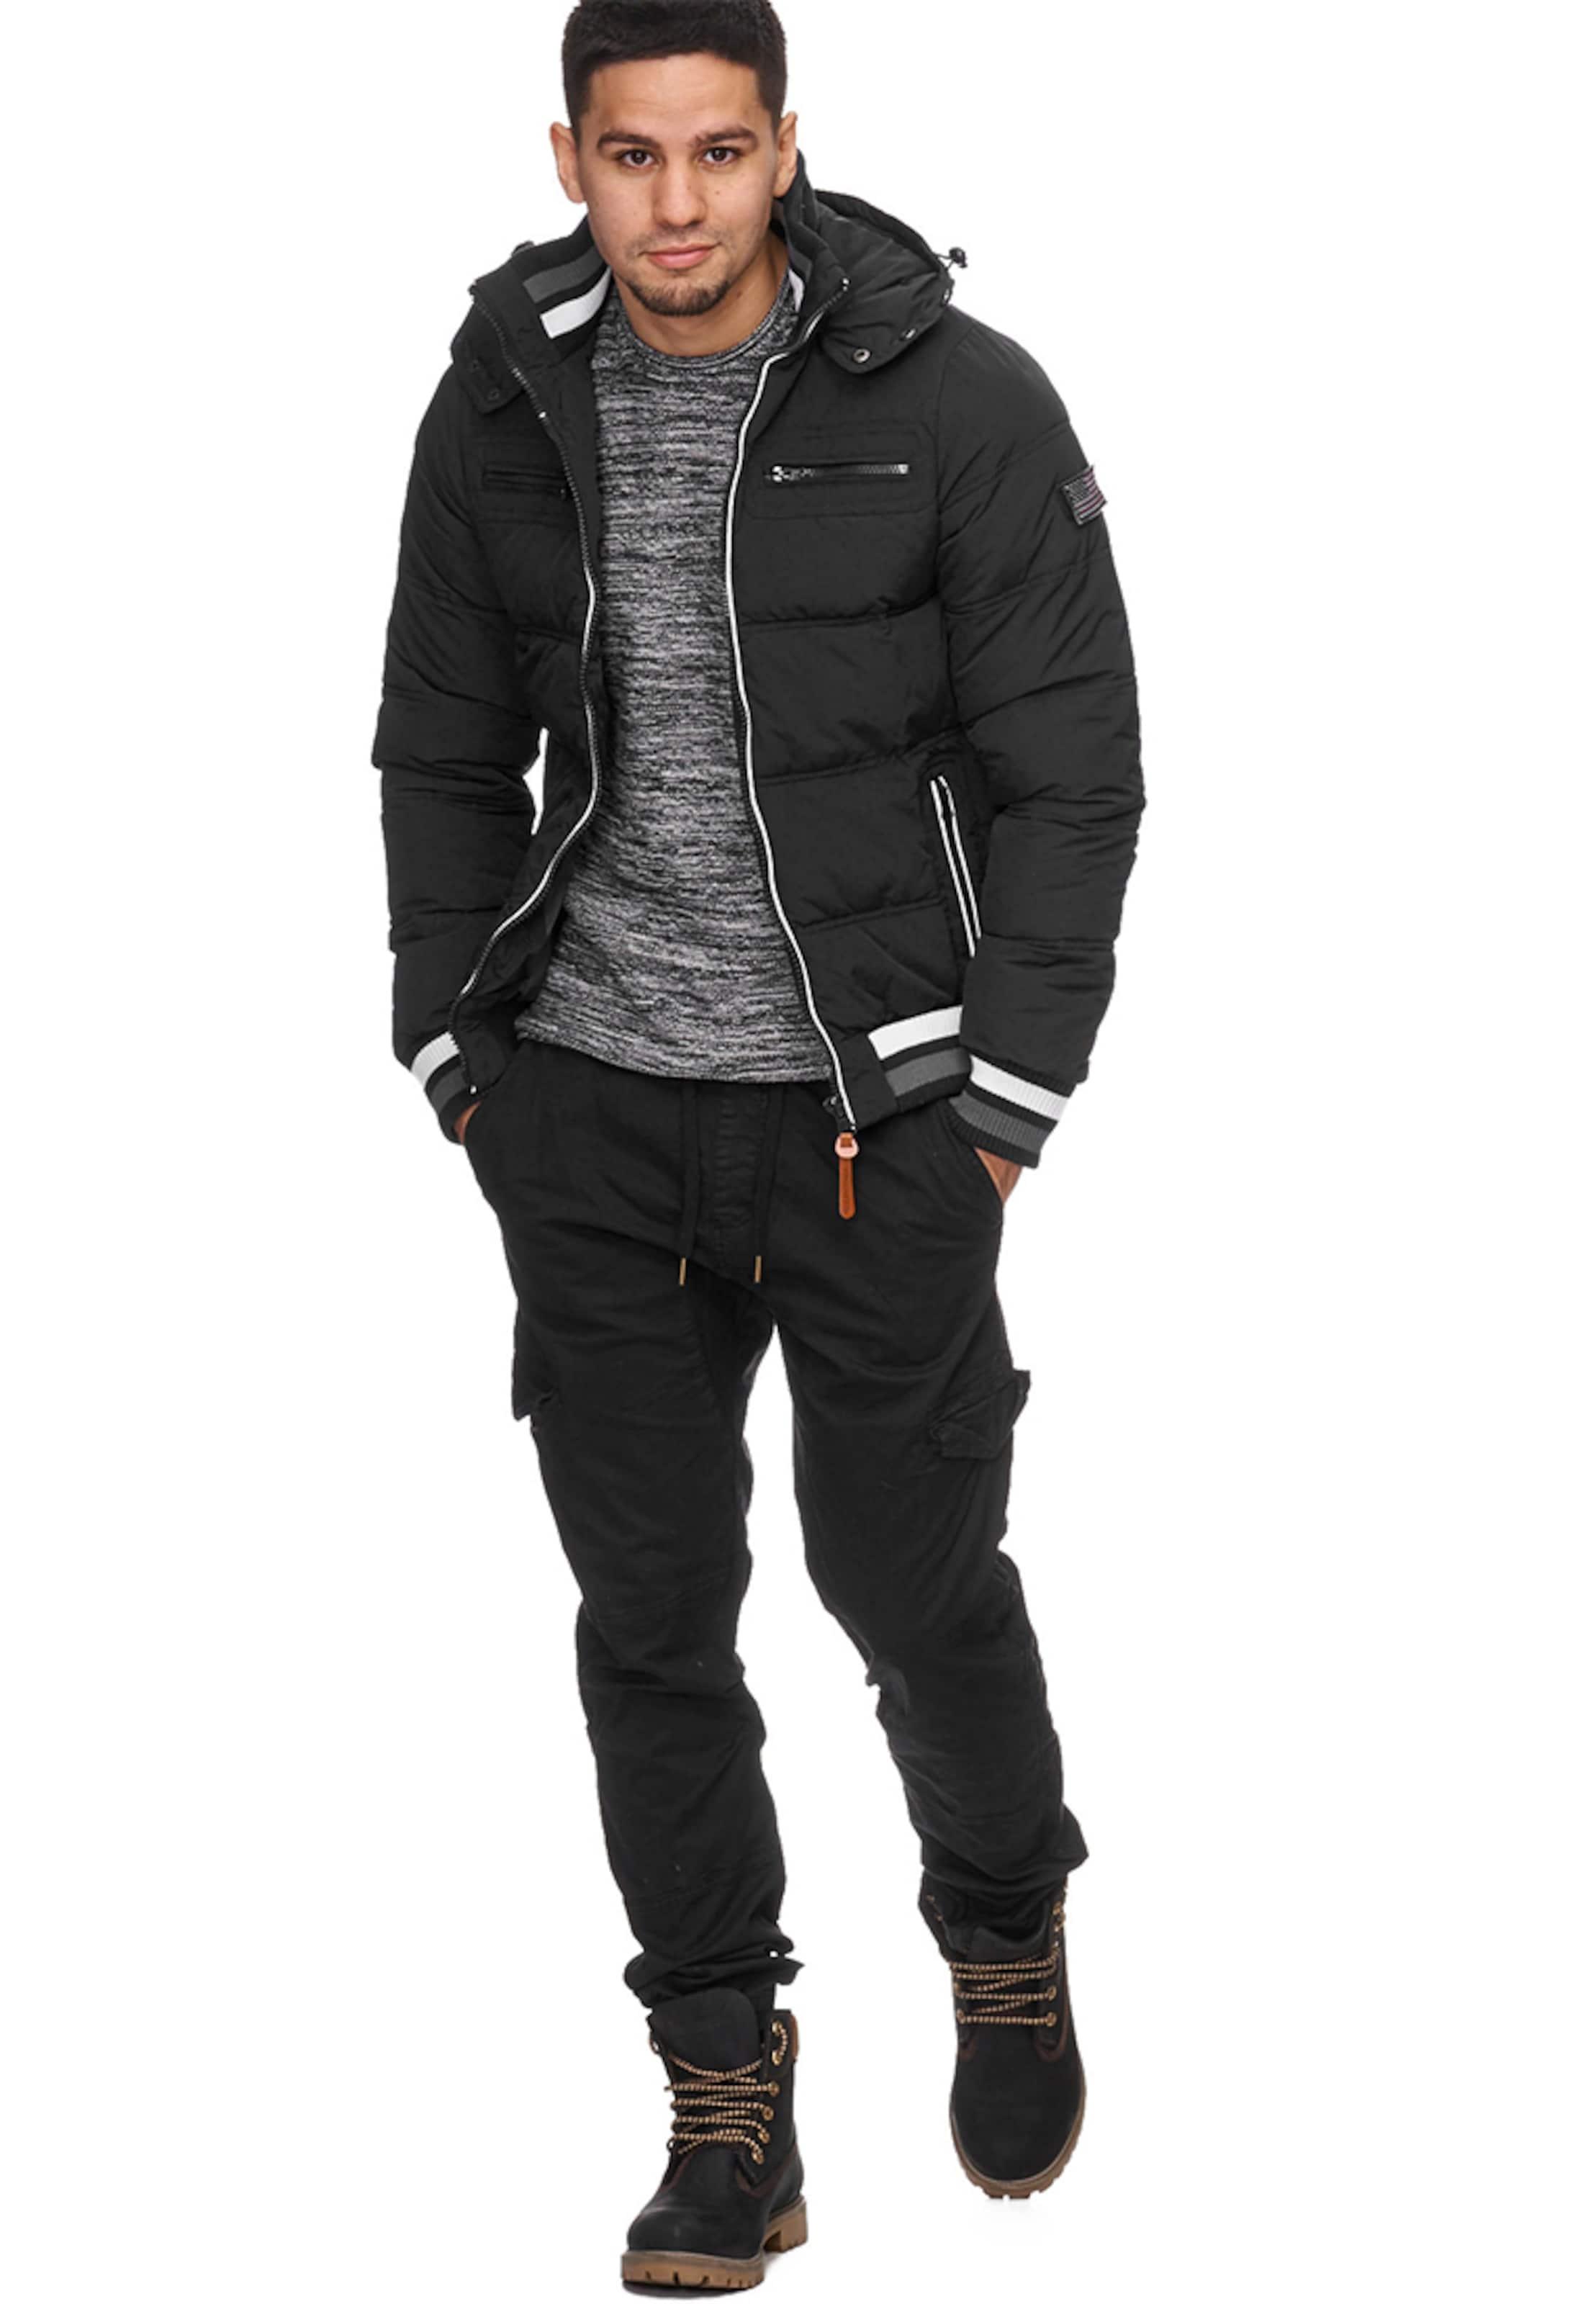 Jeans Marlon Noir En Veste ' Indicode D'hiver PTwOZikuX